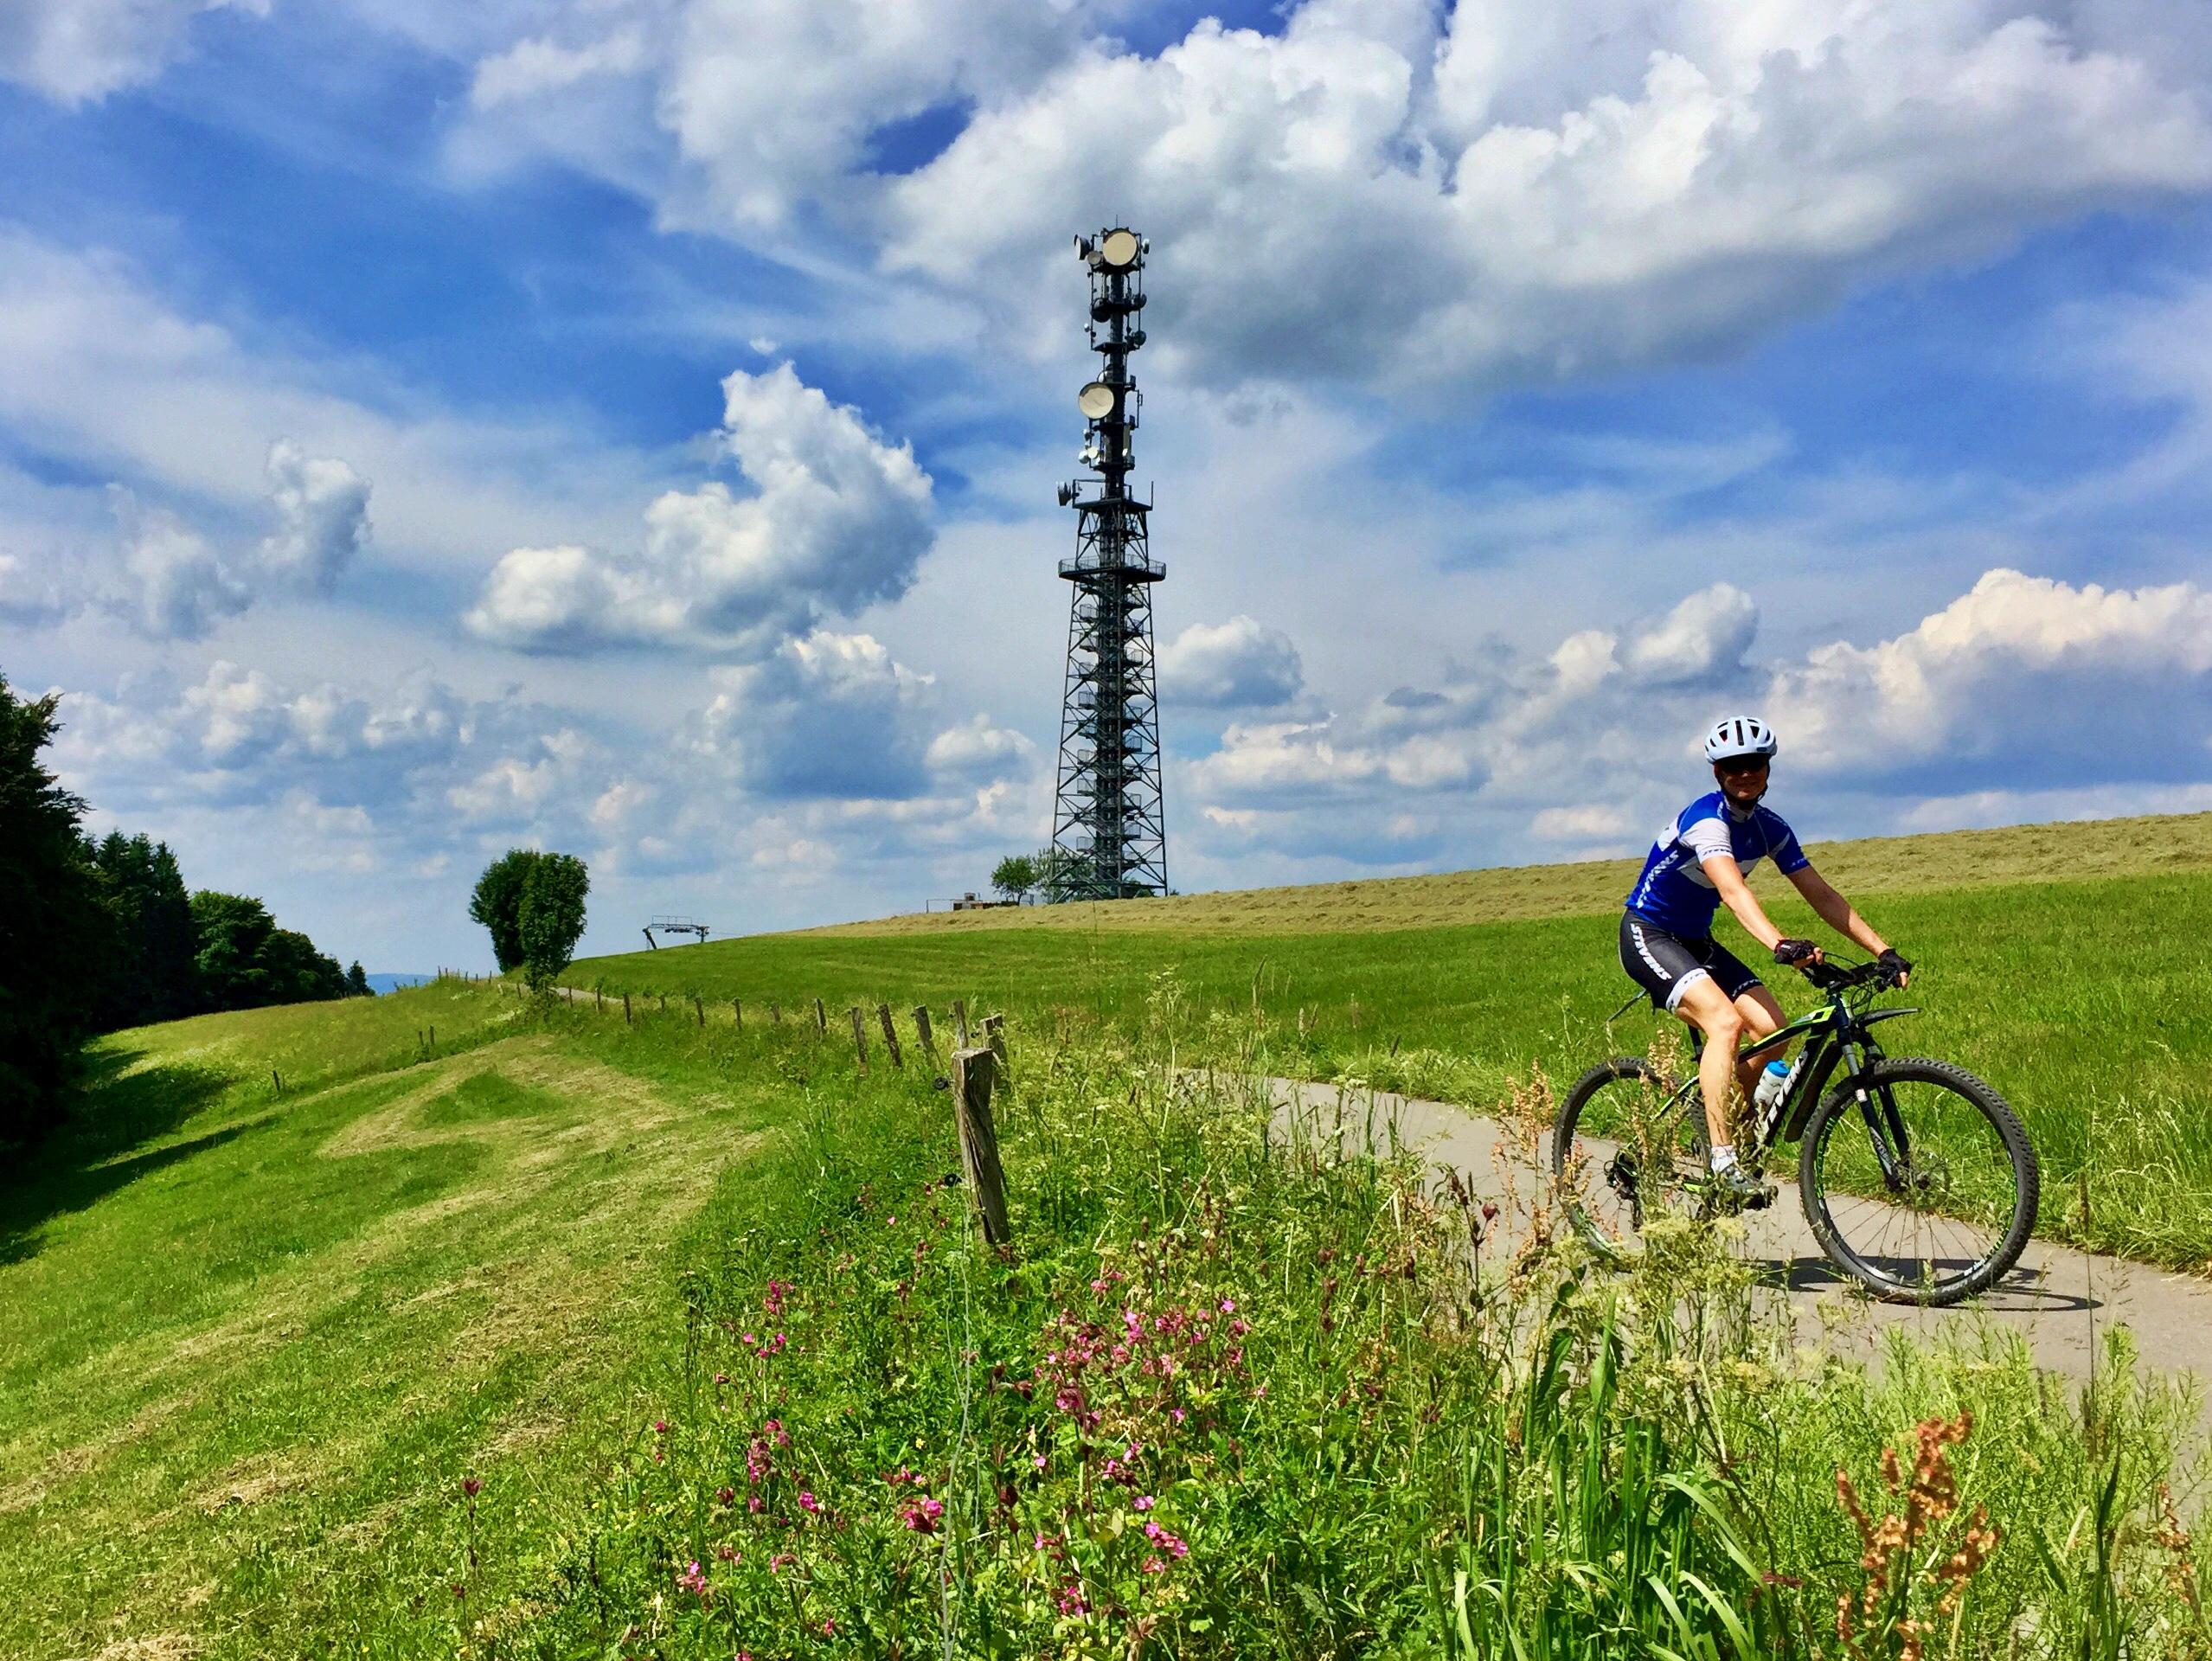 Radtraining Mit Dem MTB At Home (Wildewiese)